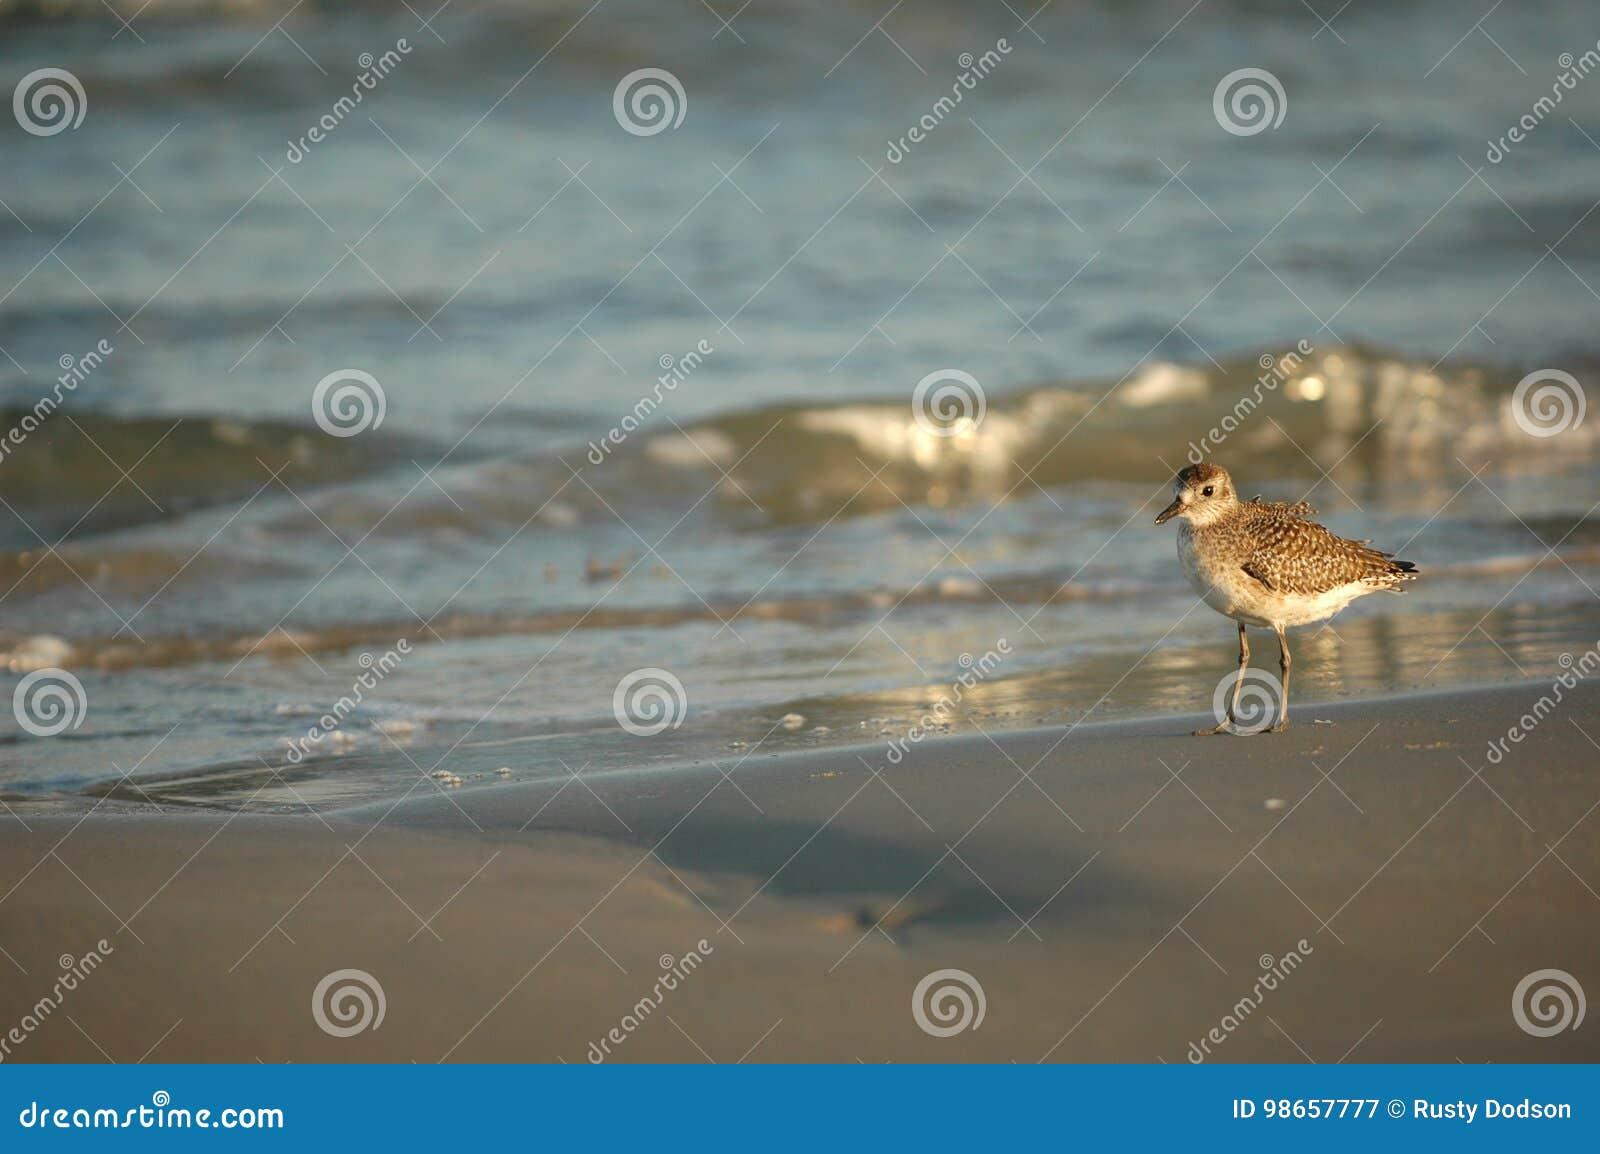 South Texas Birds